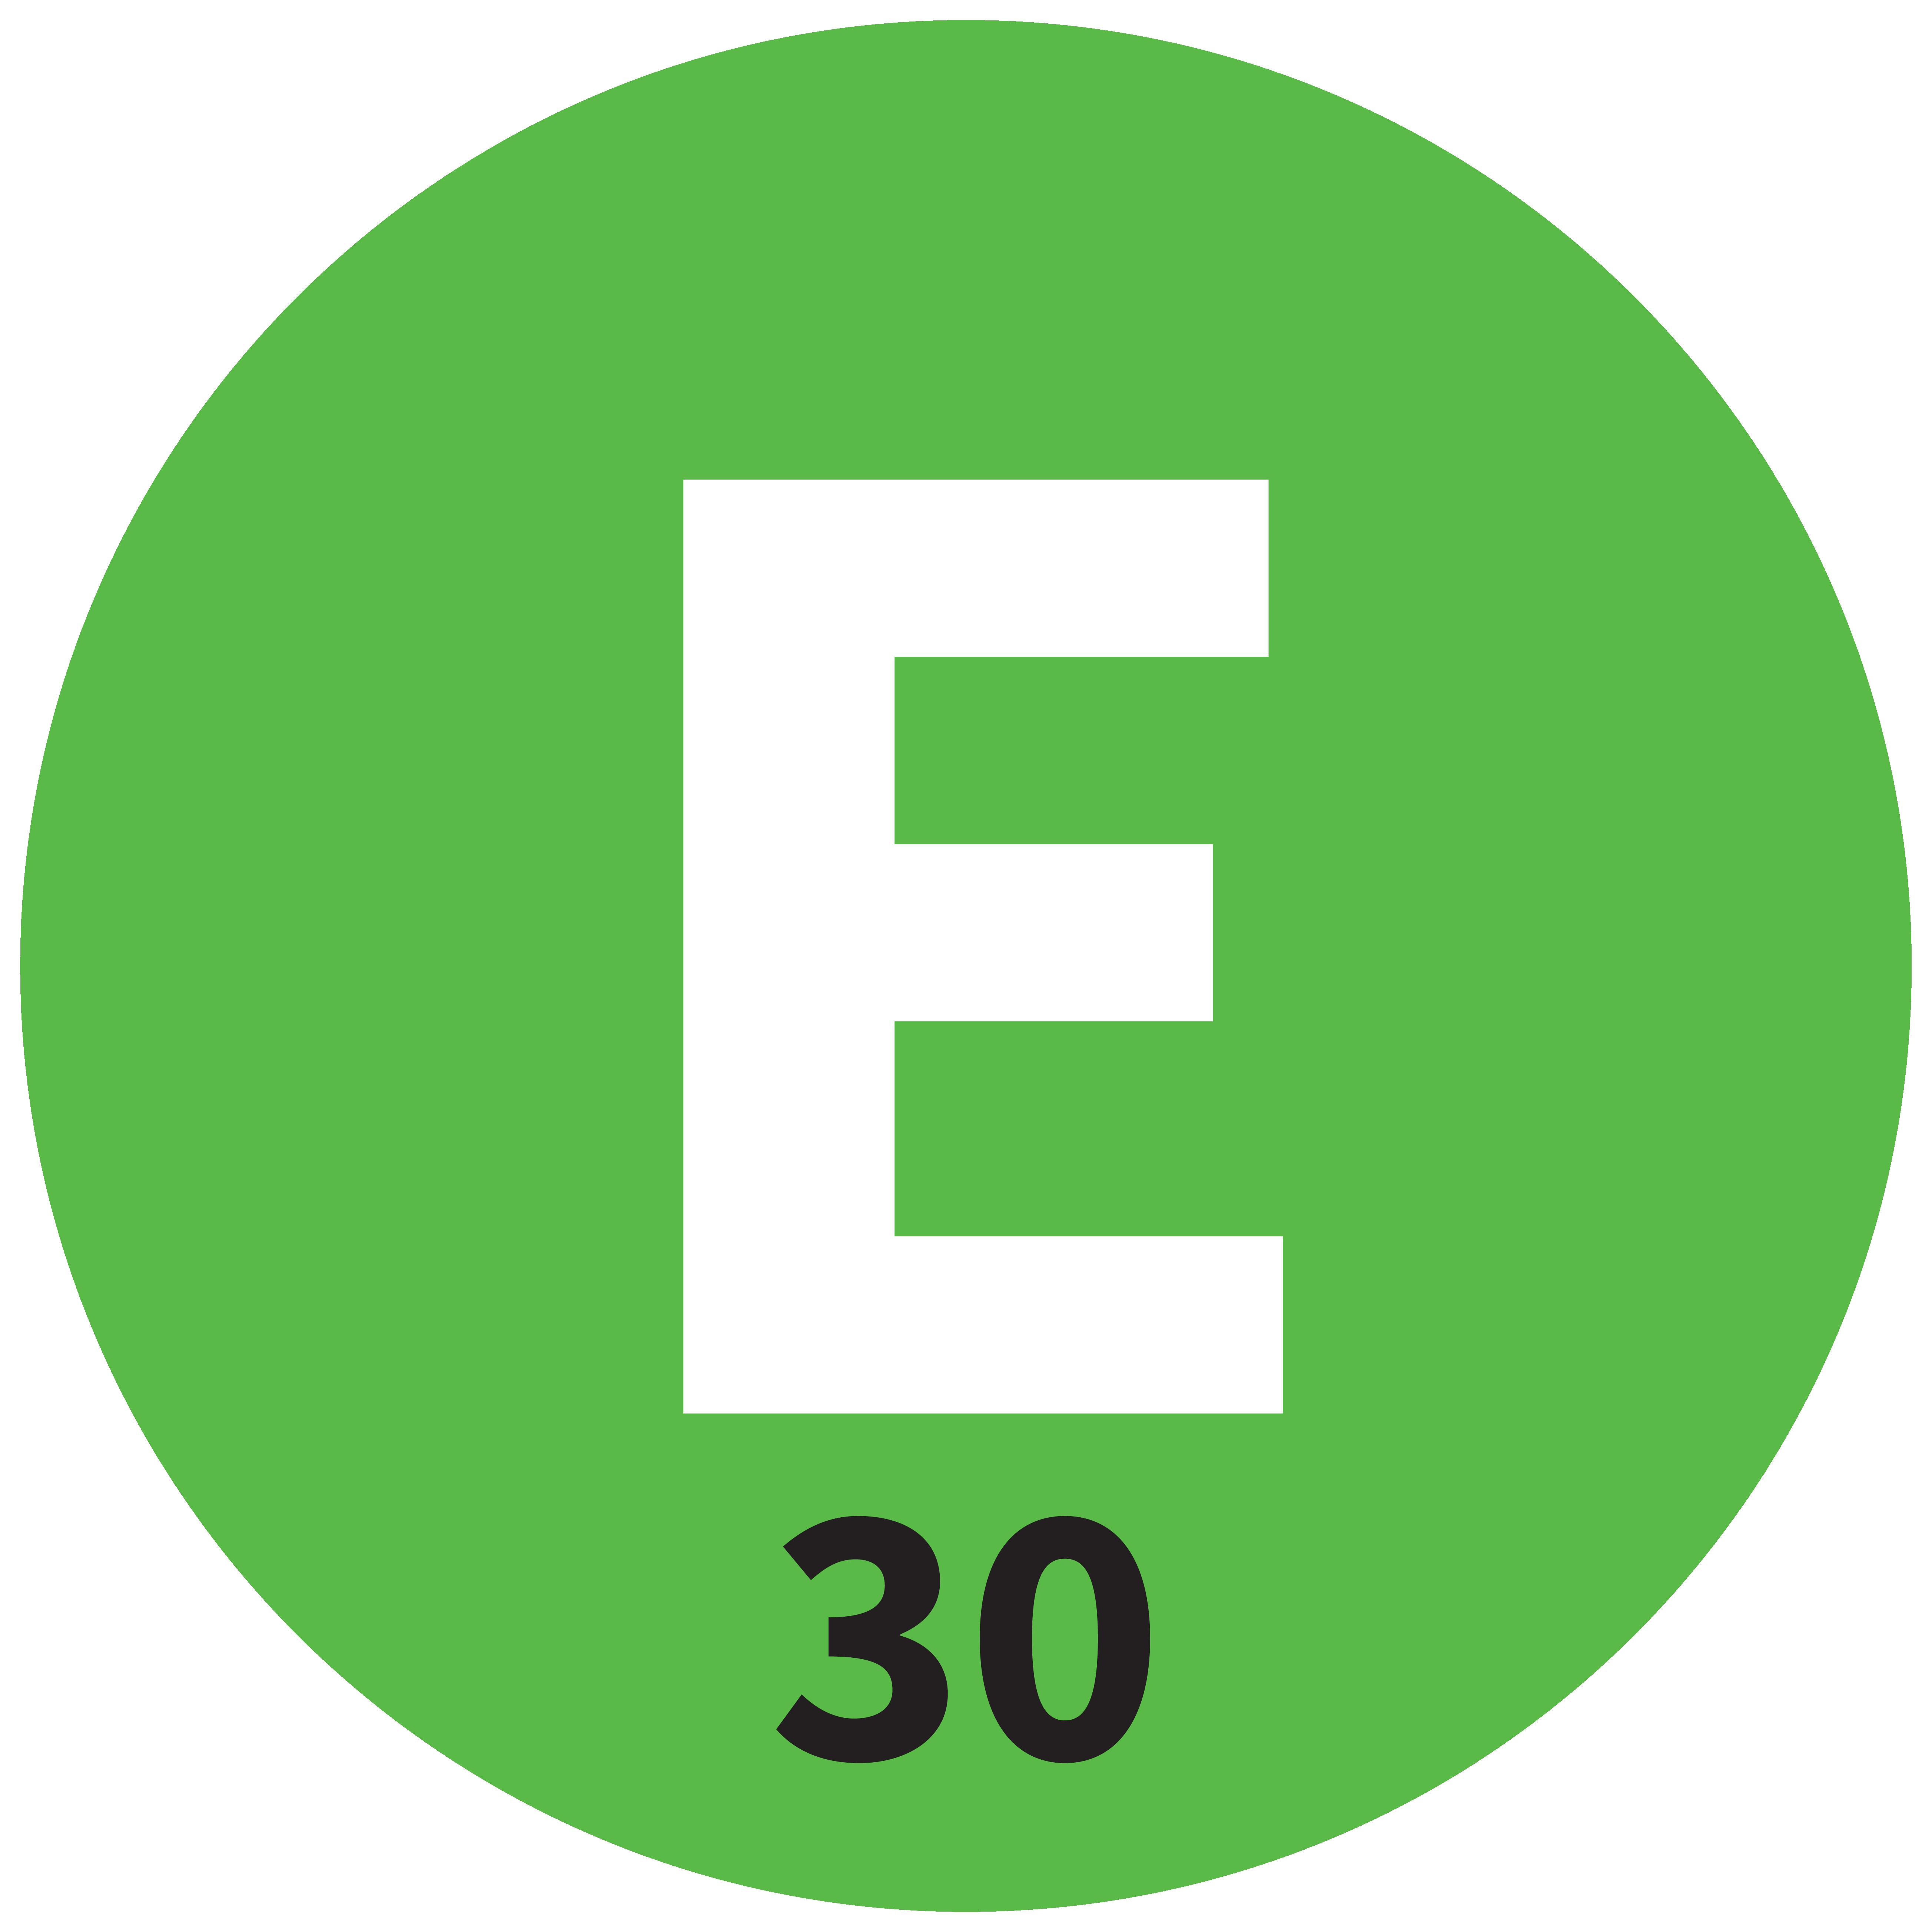 Eco 30 Lab